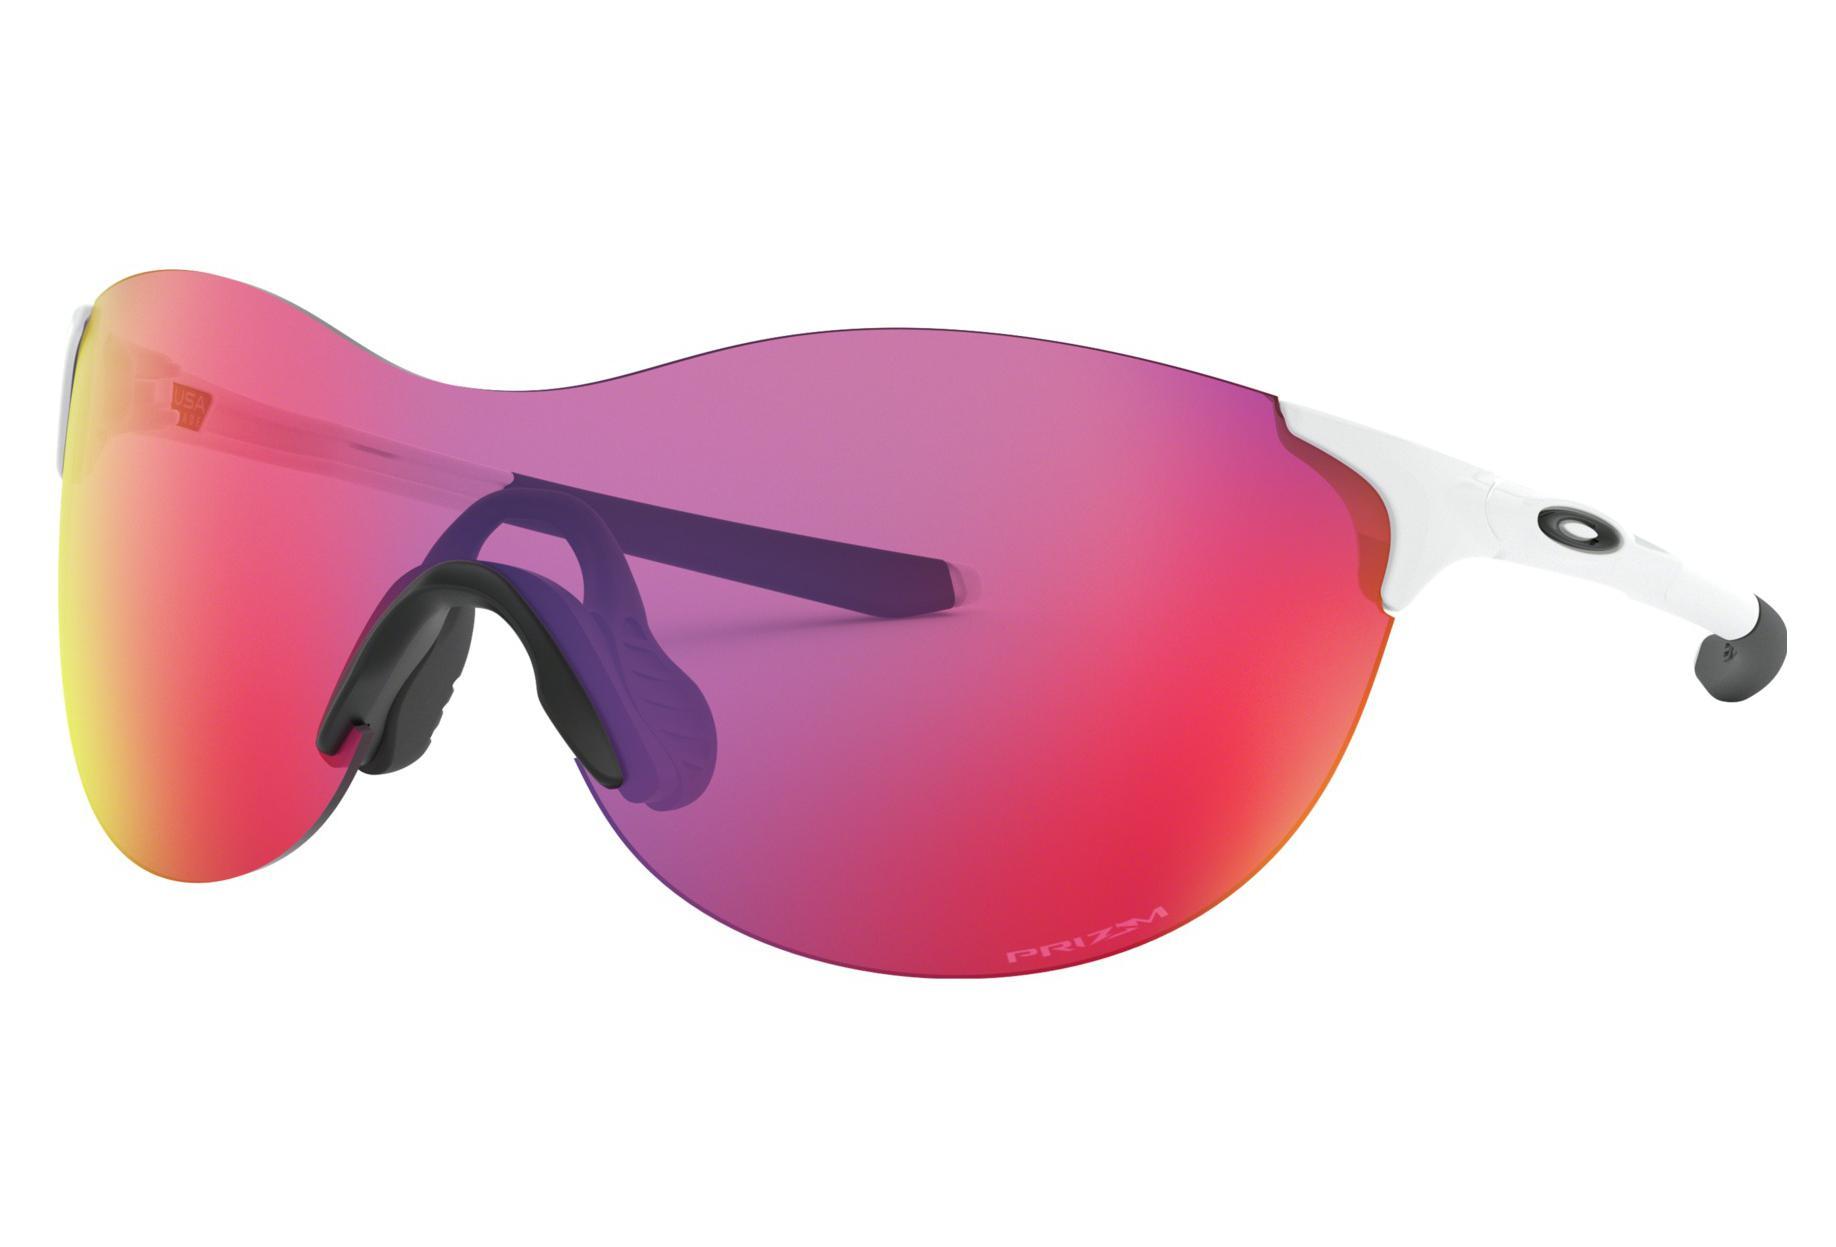 venta minorista c9125 5257e Oakley Sunglasses / EVZero Ascend / White / Prizm Road / OO9453-0237